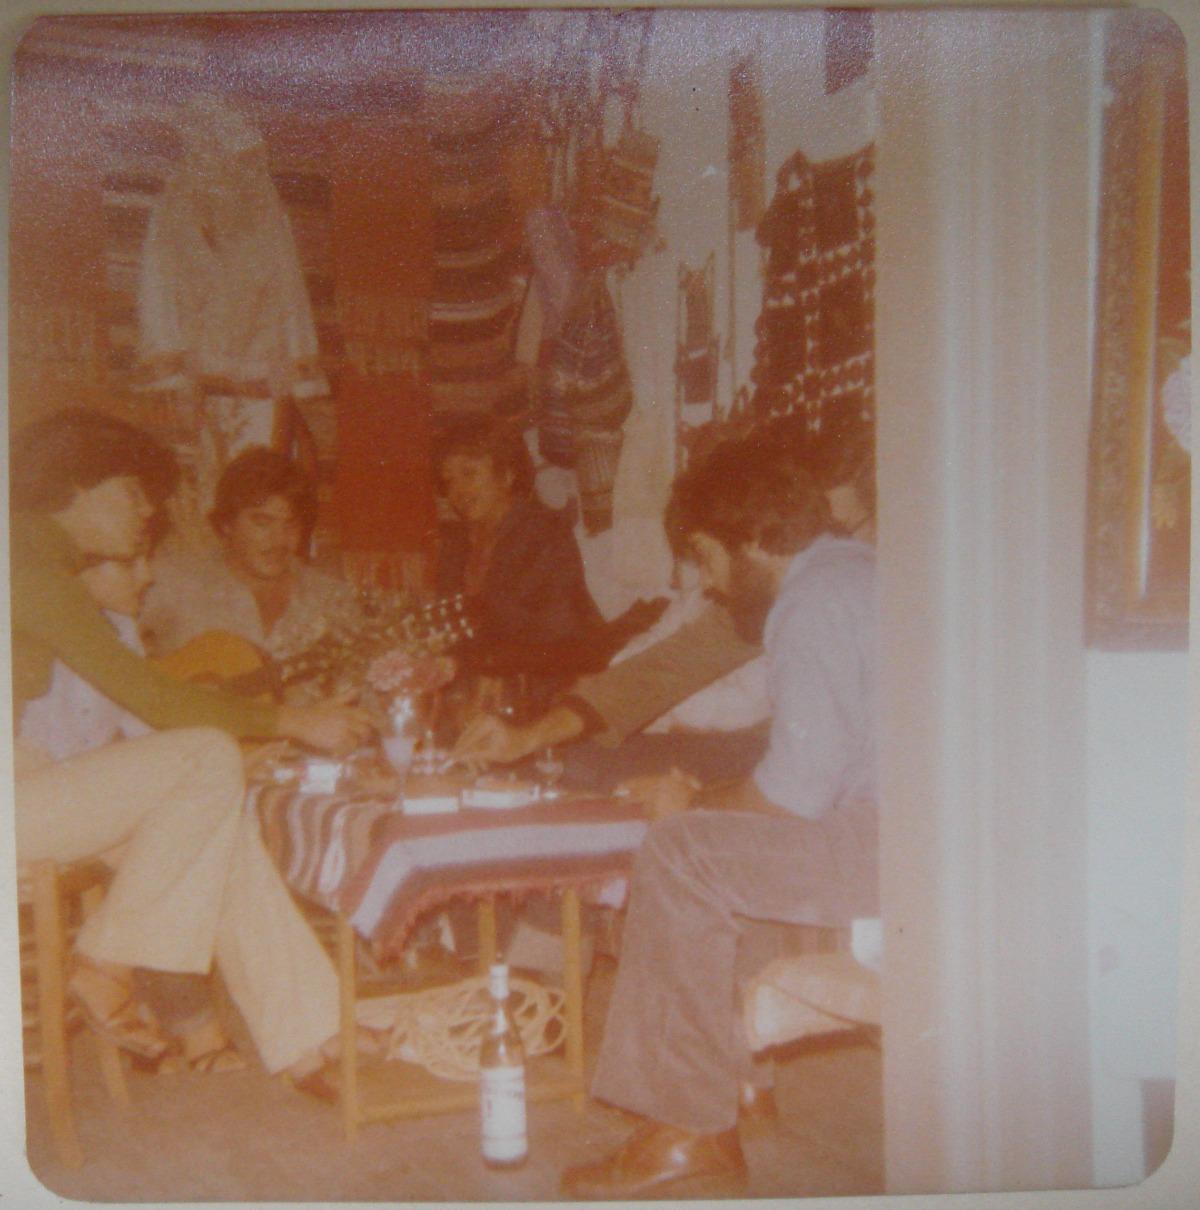 Στο κέντρο ο Παντελής Καβύρης και η Εύα Παππά